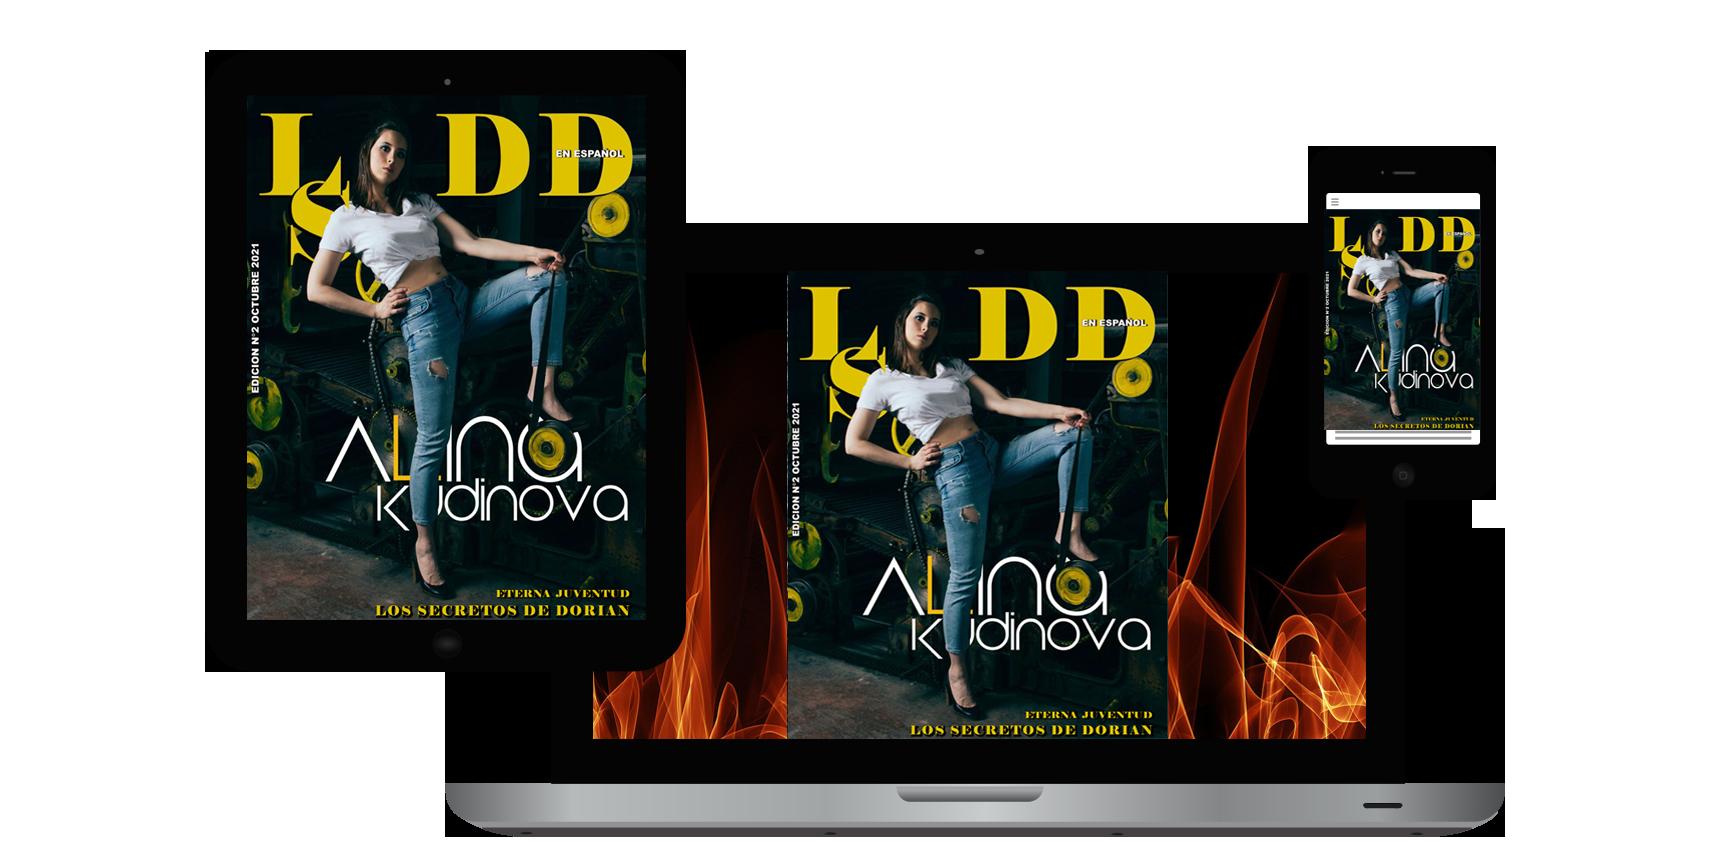 Revista LSDD Edición Octubre mobile device